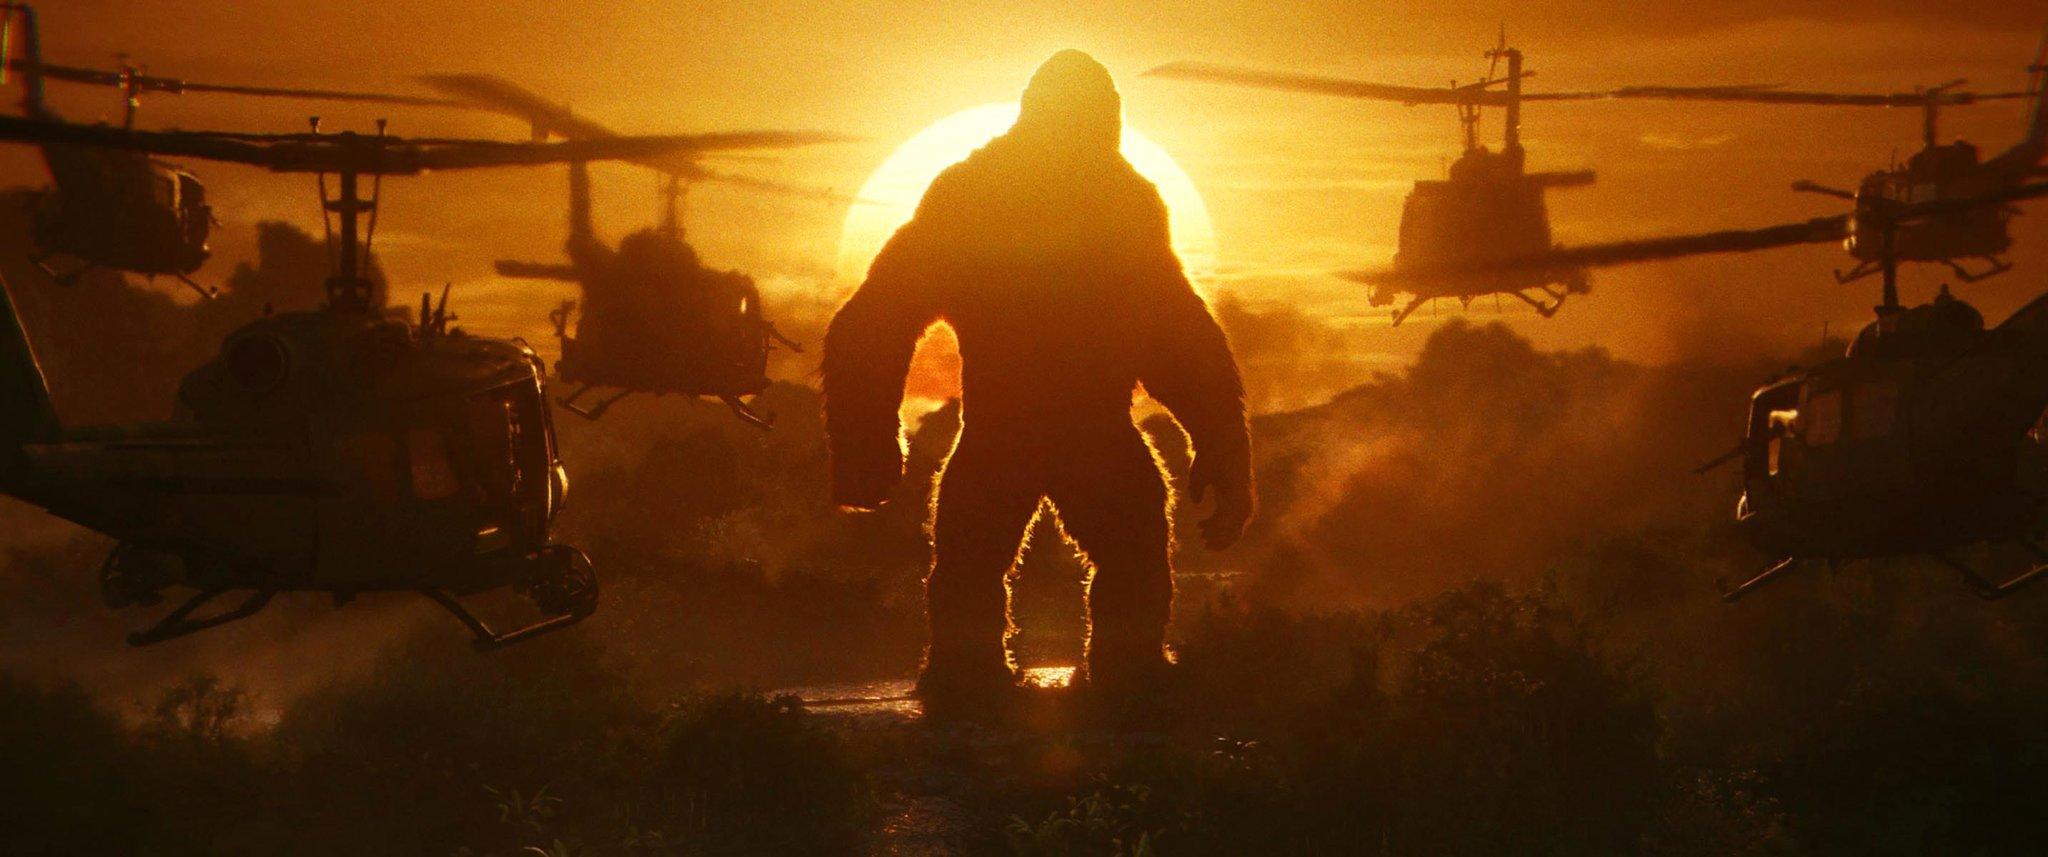 Kong - Vị vua quyền lực của nền điện ảnh Hoa Kỳ - Ảnh 6.